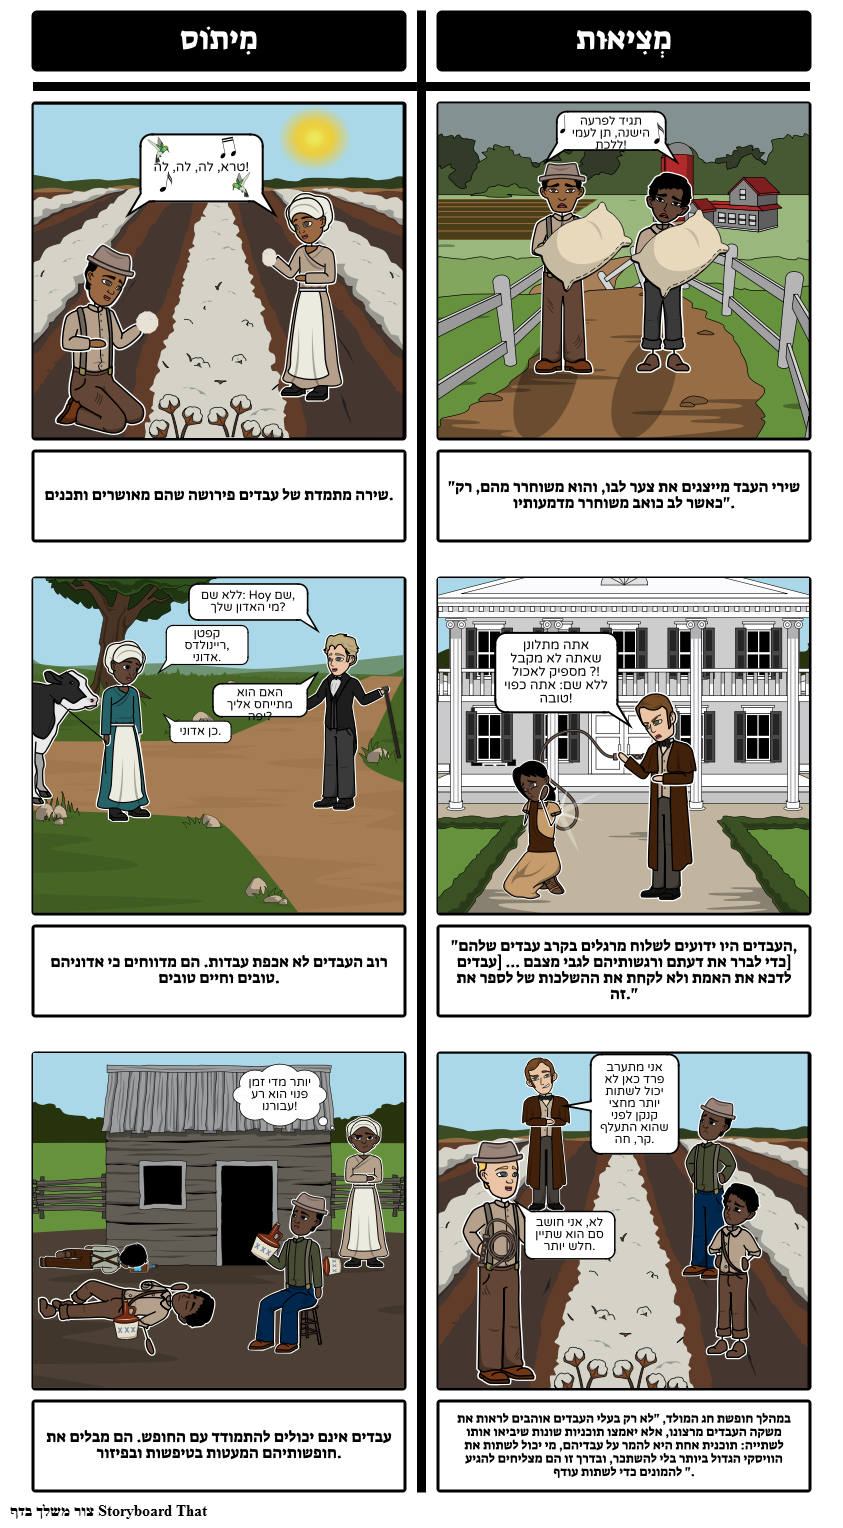 סיפור חייו של פרידריך דאגלס